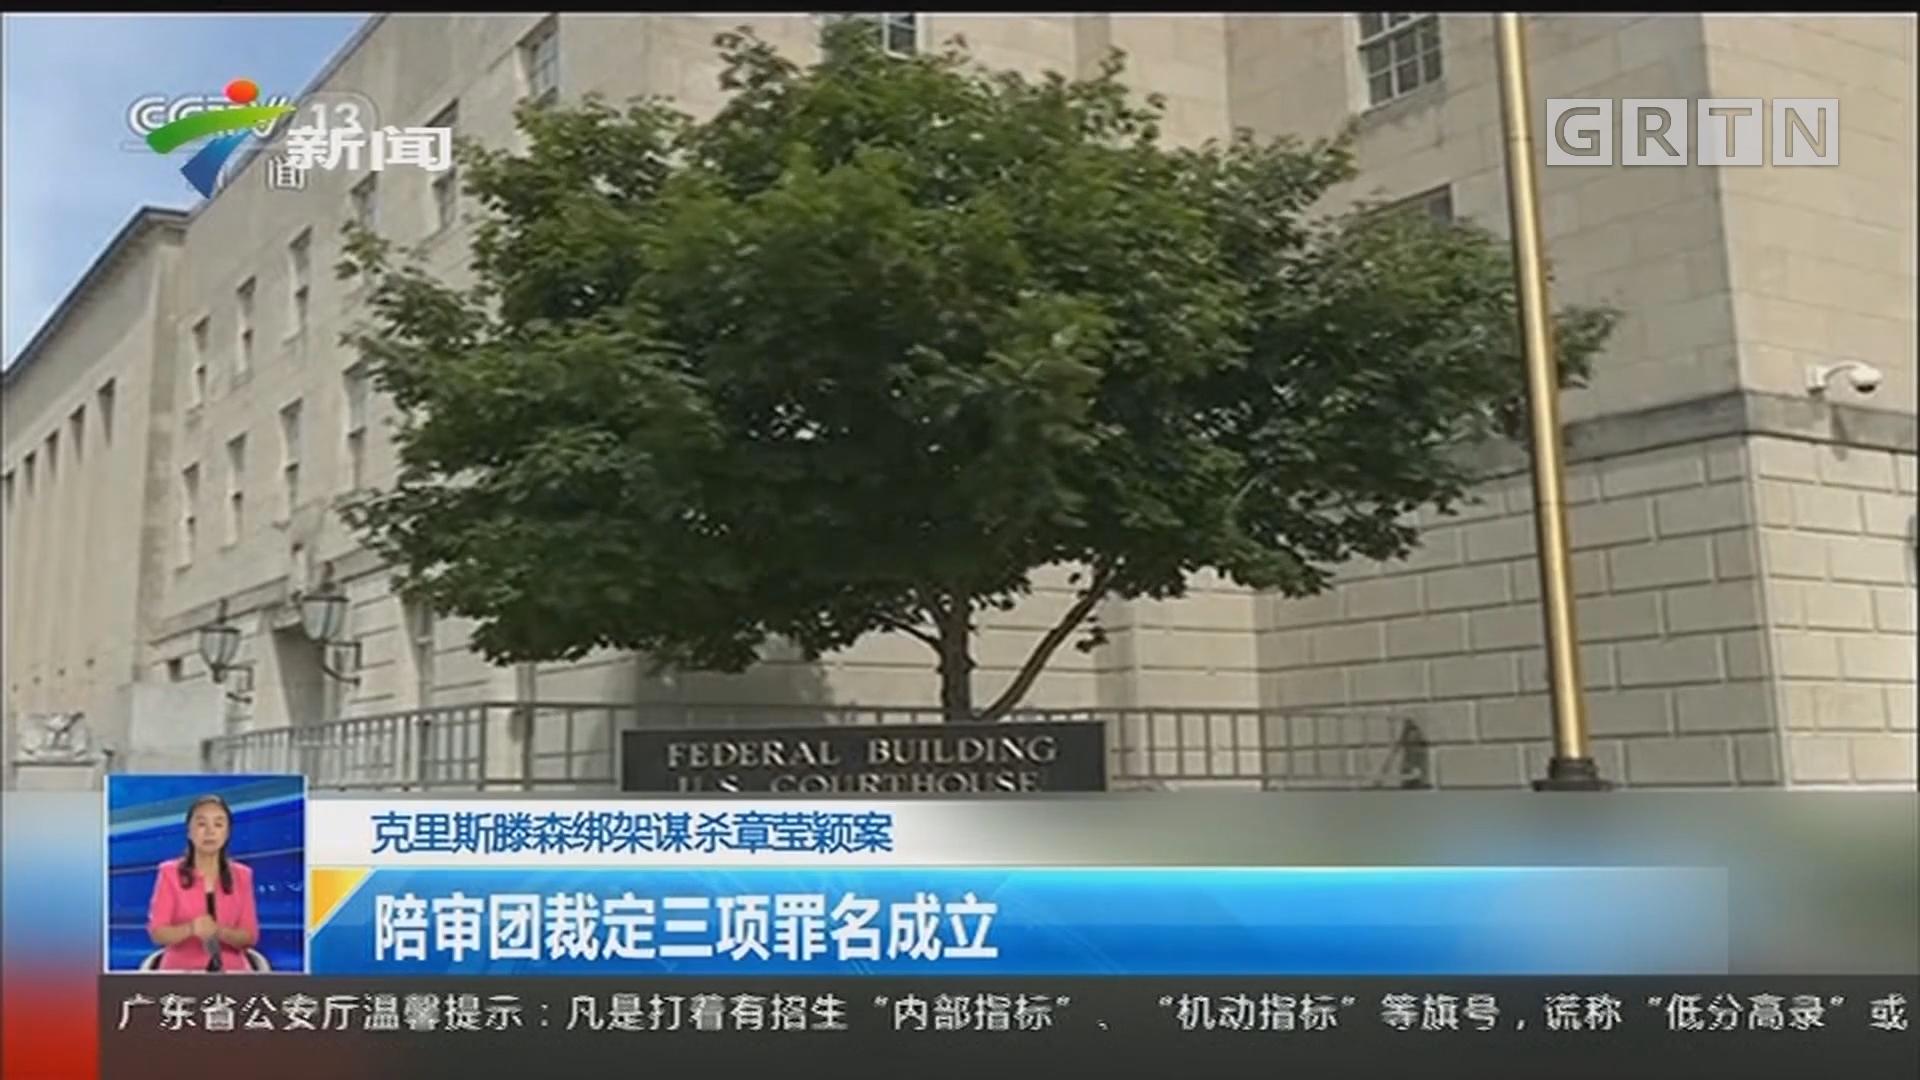 克里斯滕森绑架谋杀章莹颖案:陪审团裁定三项罪名成立